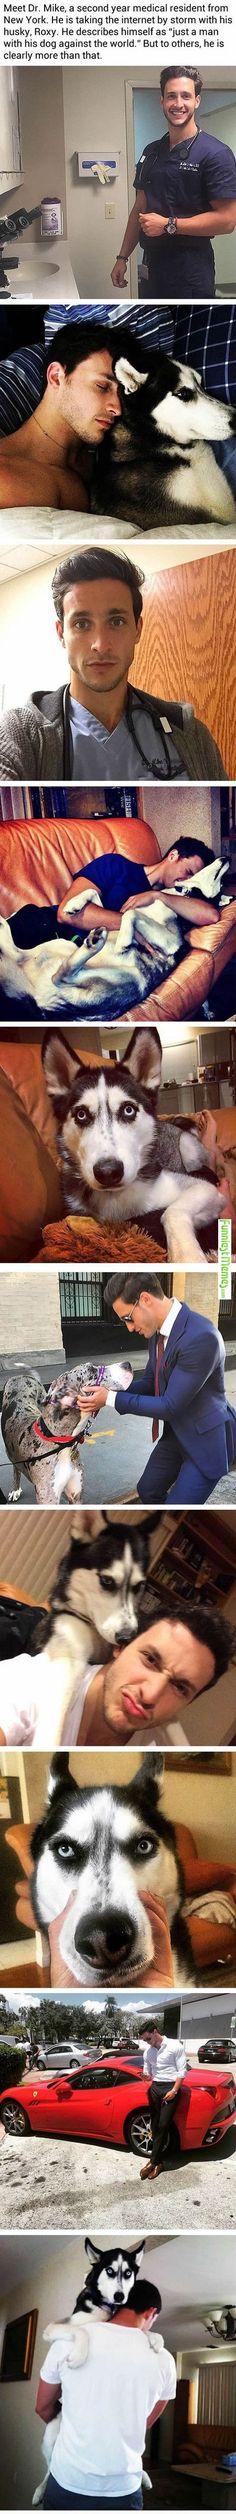 Funniest Memes -awww the puppy is soooo cute